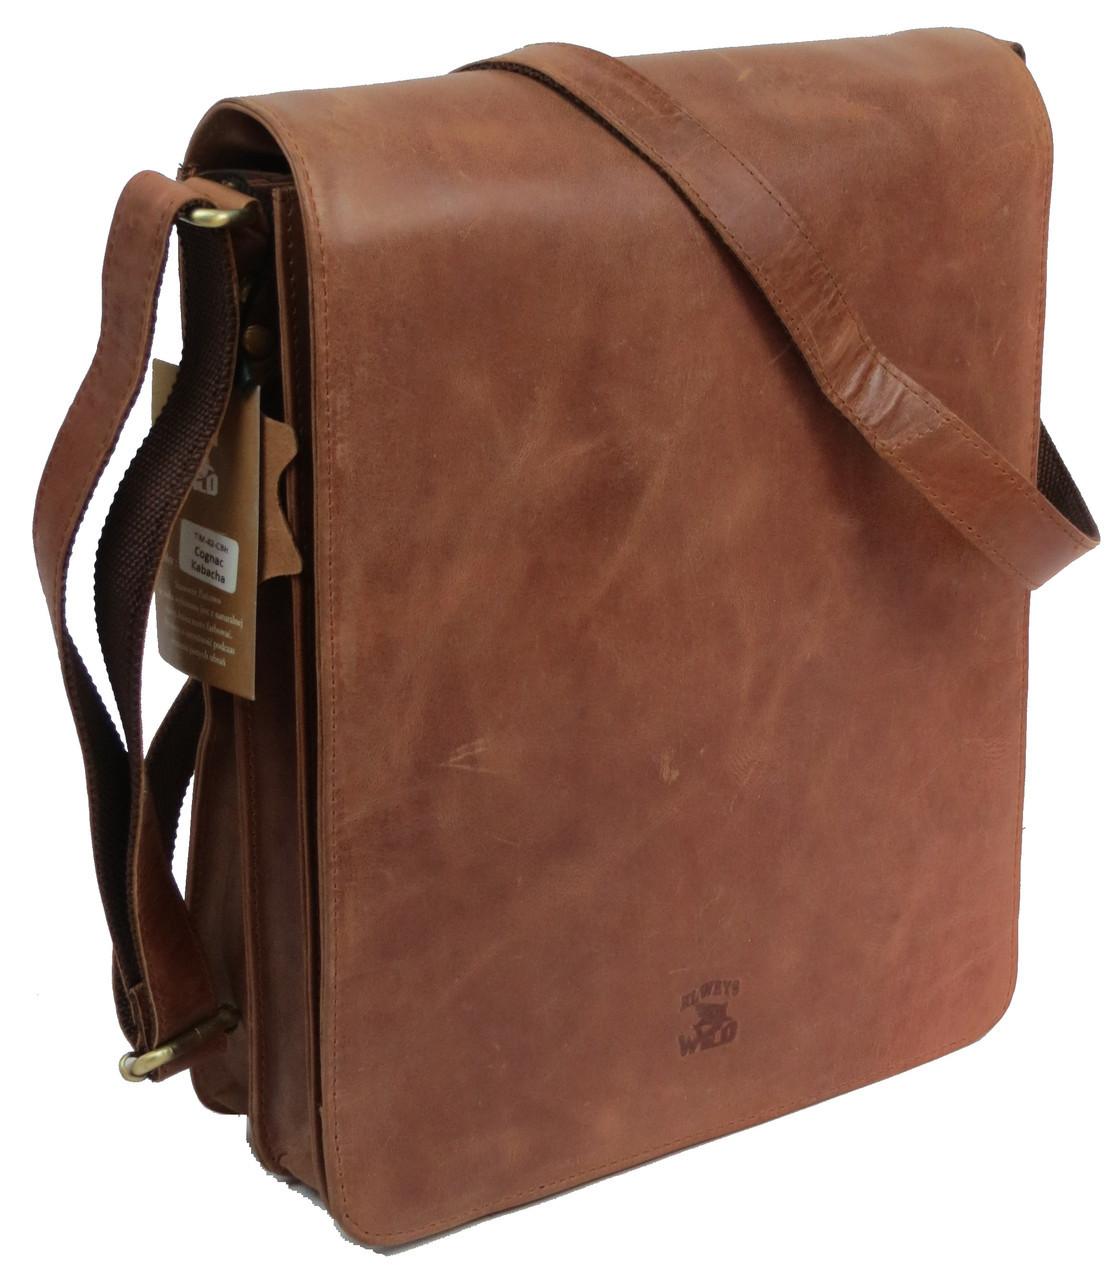 Мужская кожаная сумка планшетка Always Wild TIM-42 Cognac, фото 1